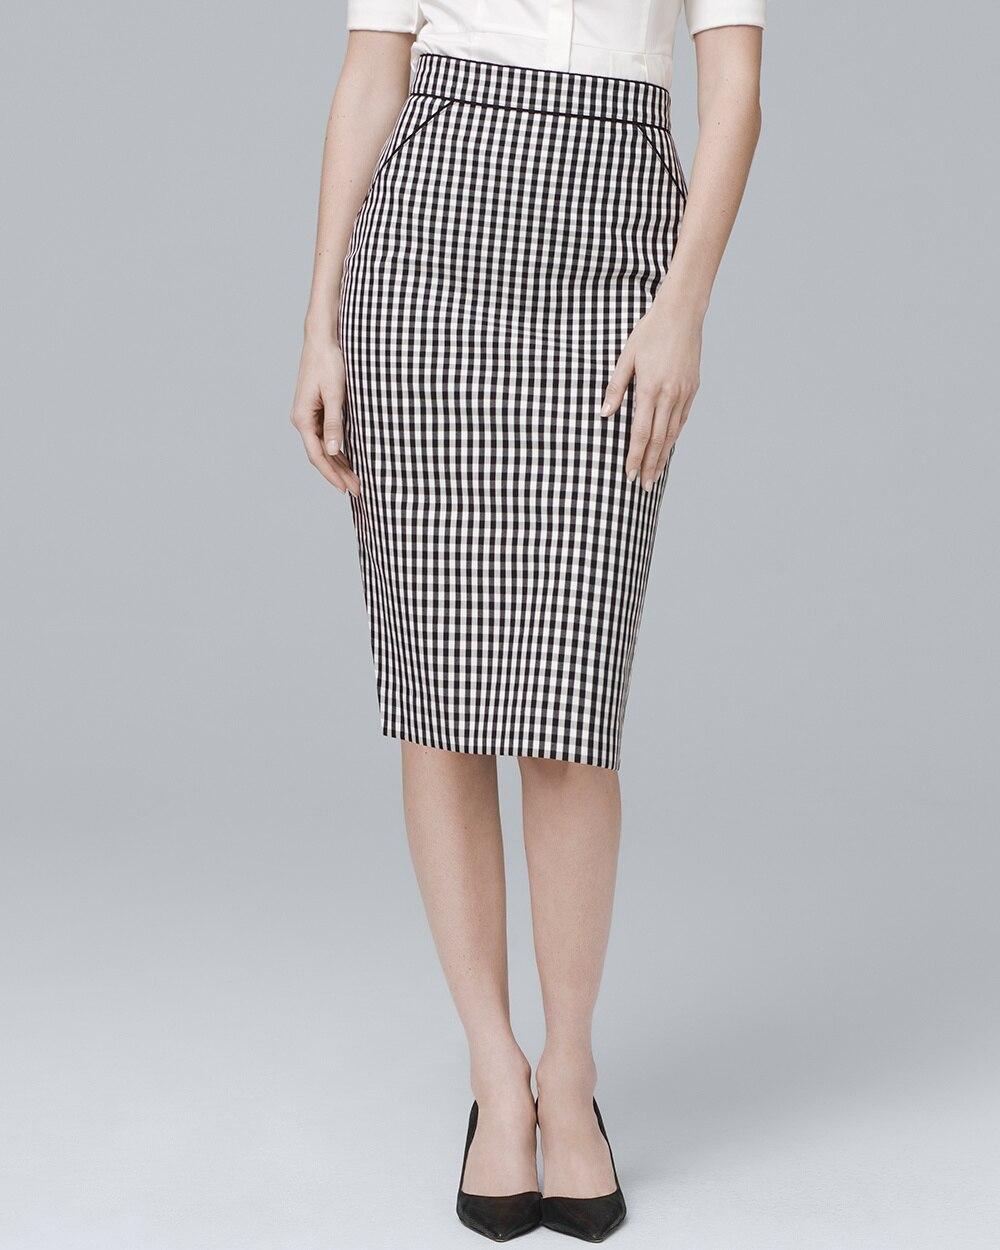 9cf009b39 Gingham Pencil Skirt - White House Black Market